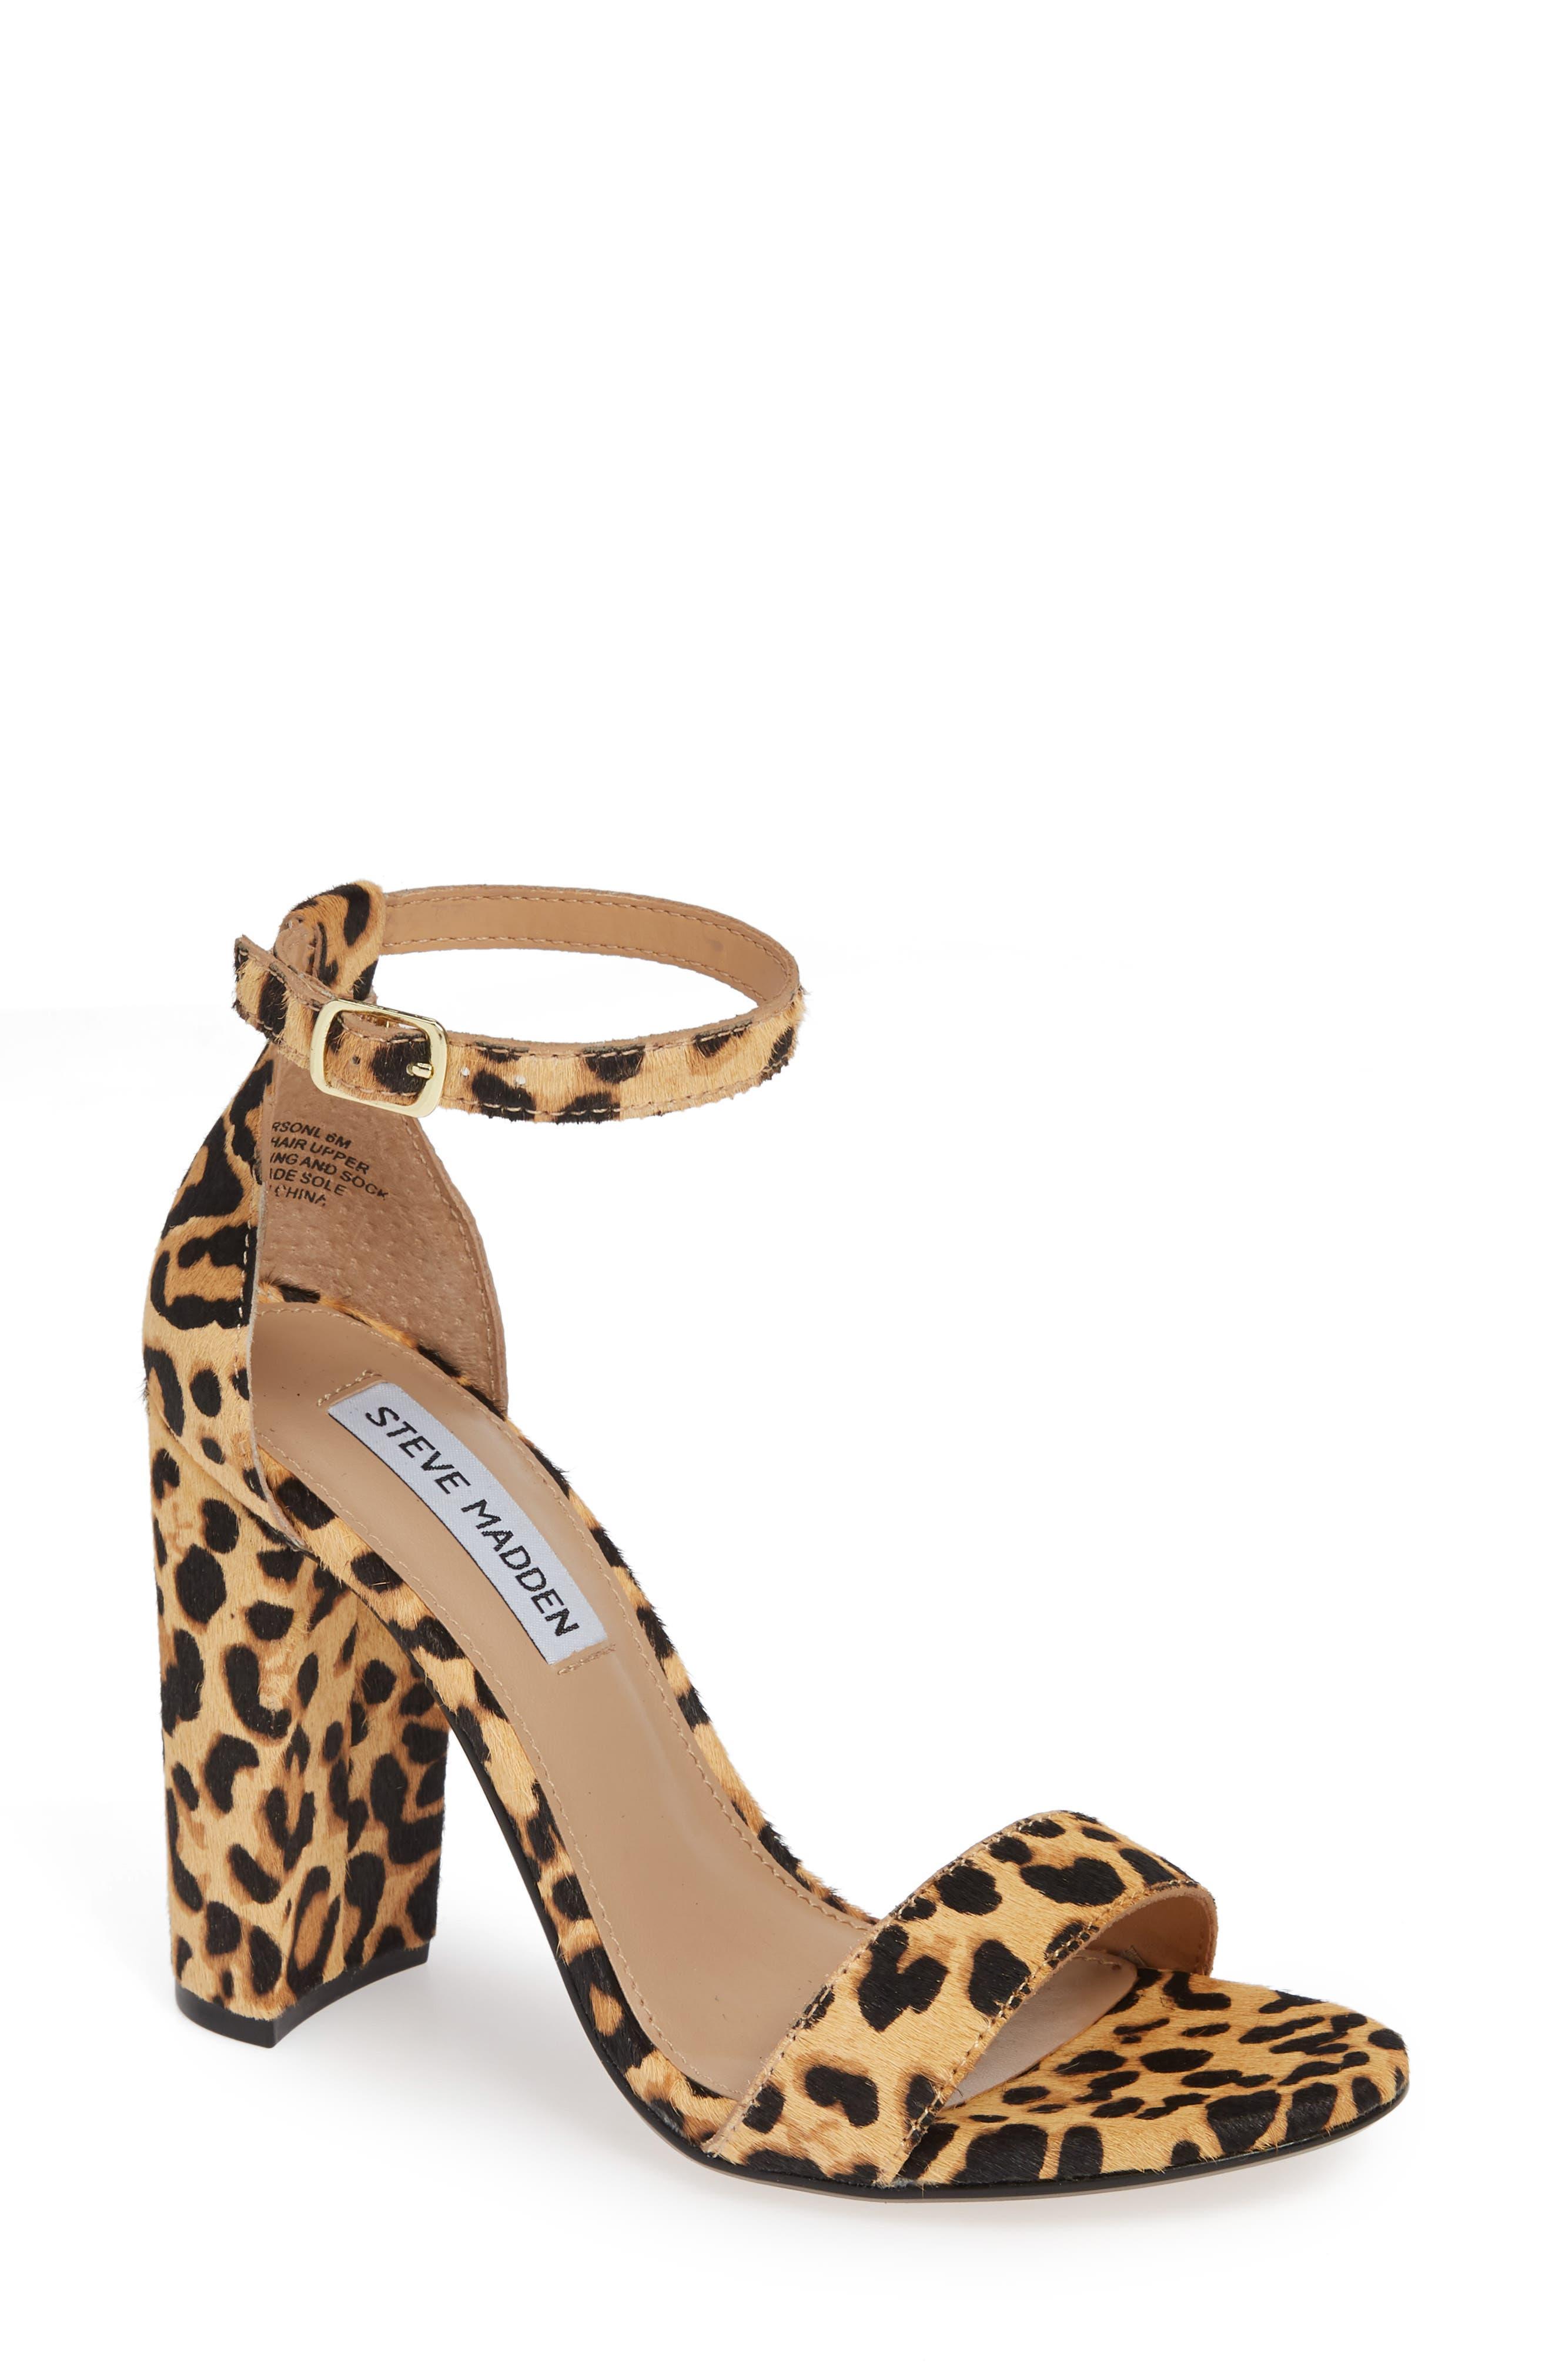 3df96230a8f Steve Madden Women s Heels